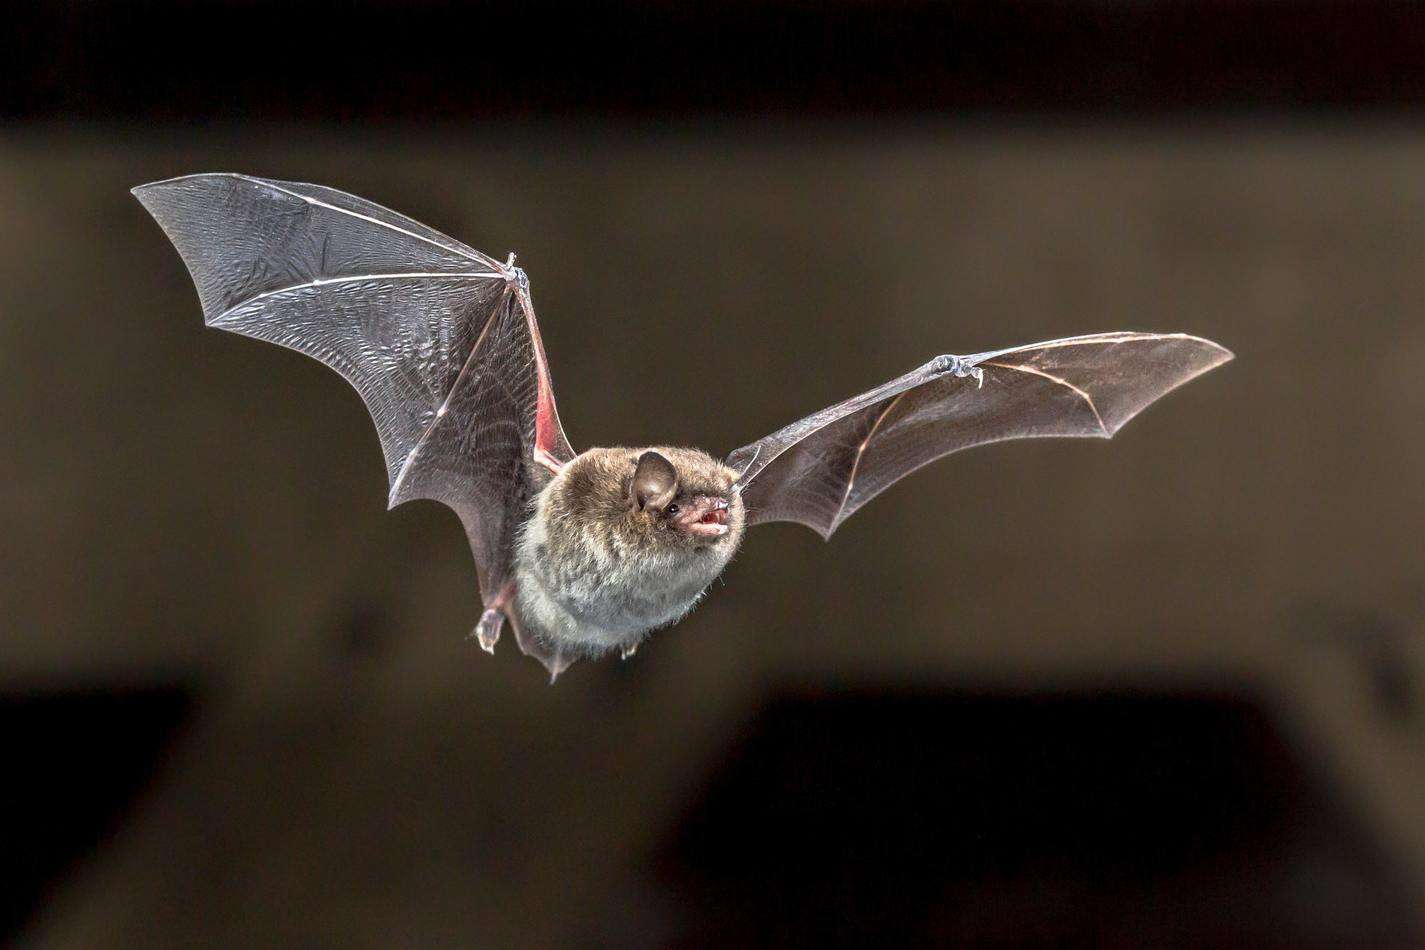 Flying Daubentons bat